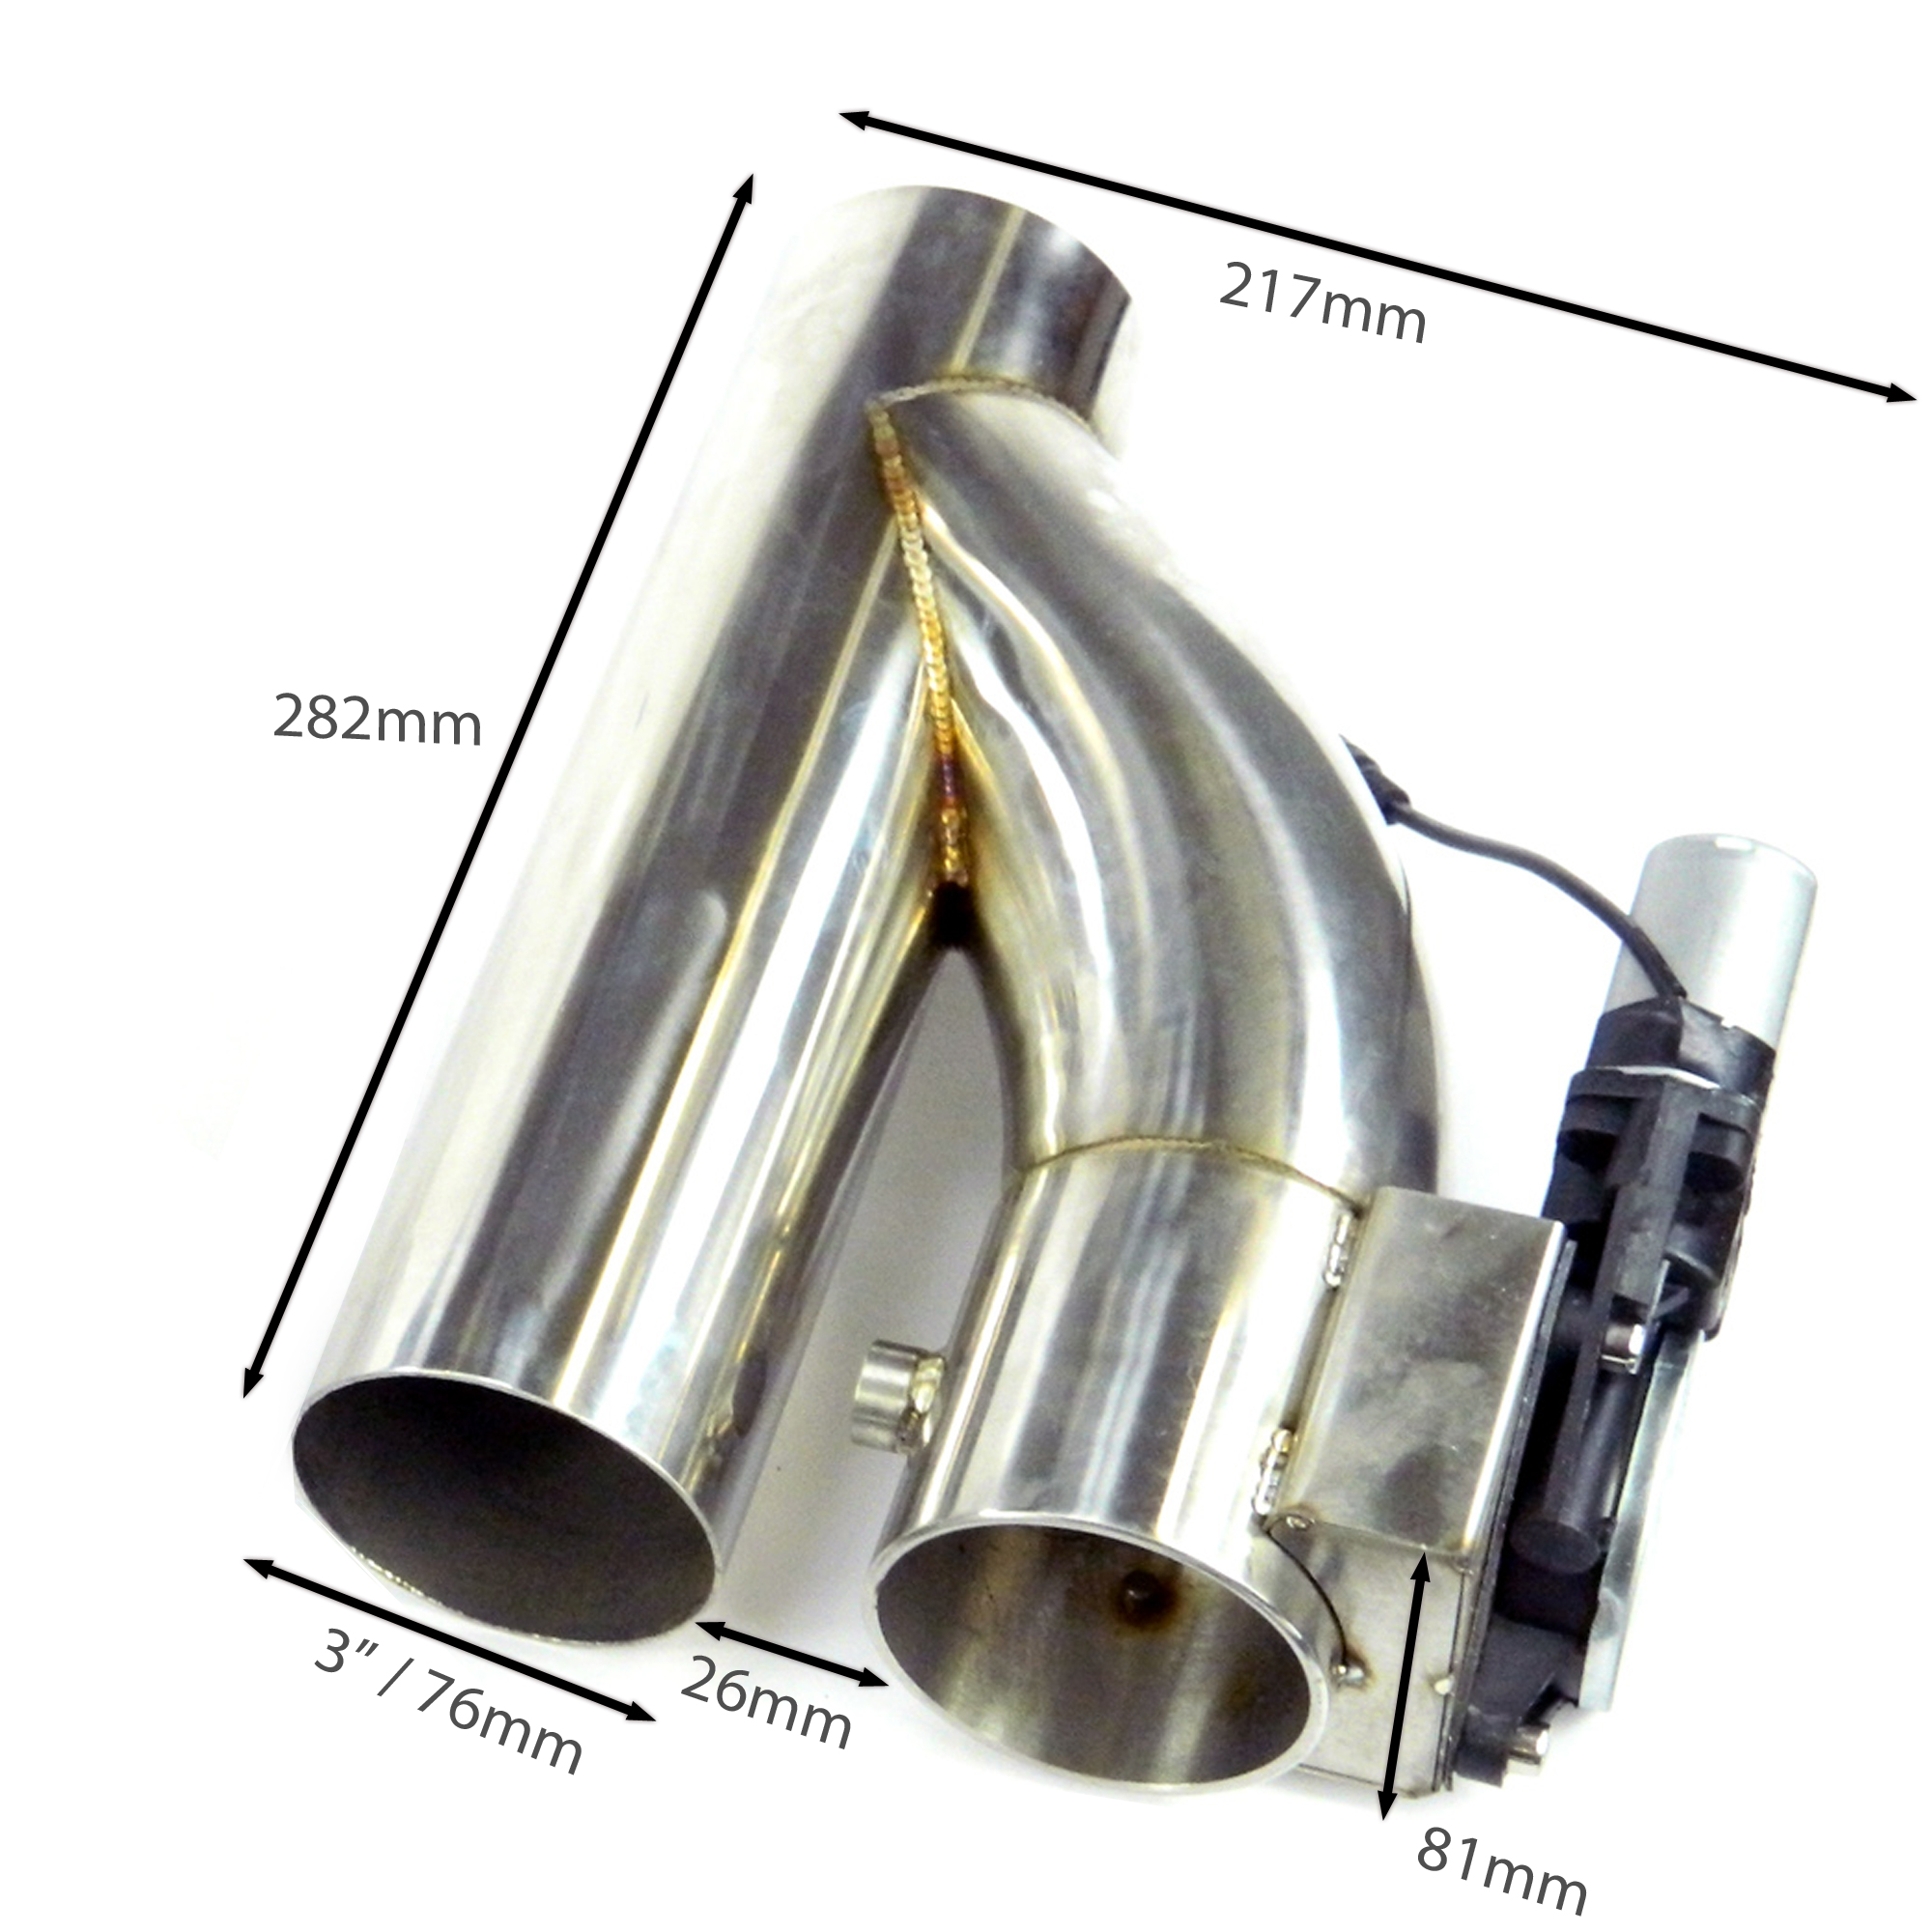 Duales Klappenauspuff-System Y-Rohr, elektrisch inkl. Fernbedienung - 76mm Außendurchmesser